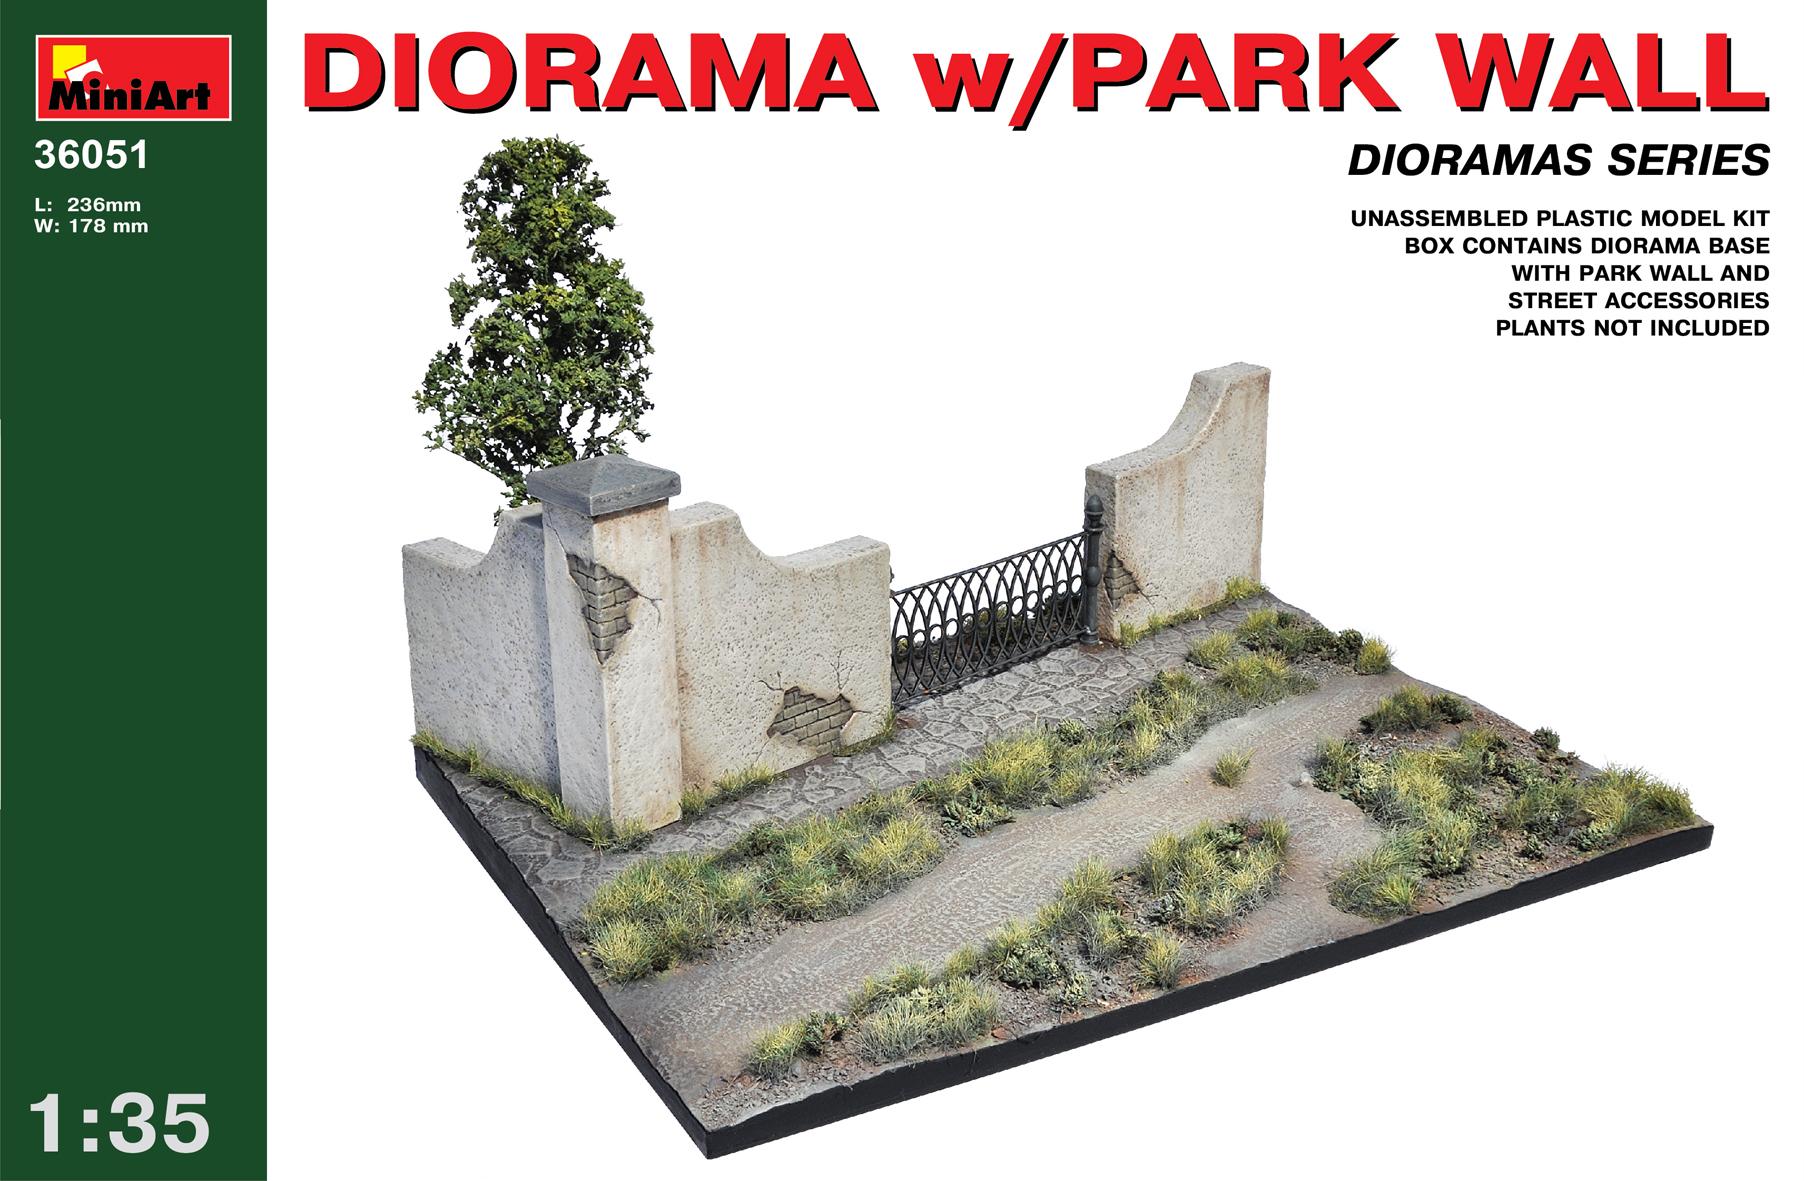 36051 DIORAMA w/PARK WALL